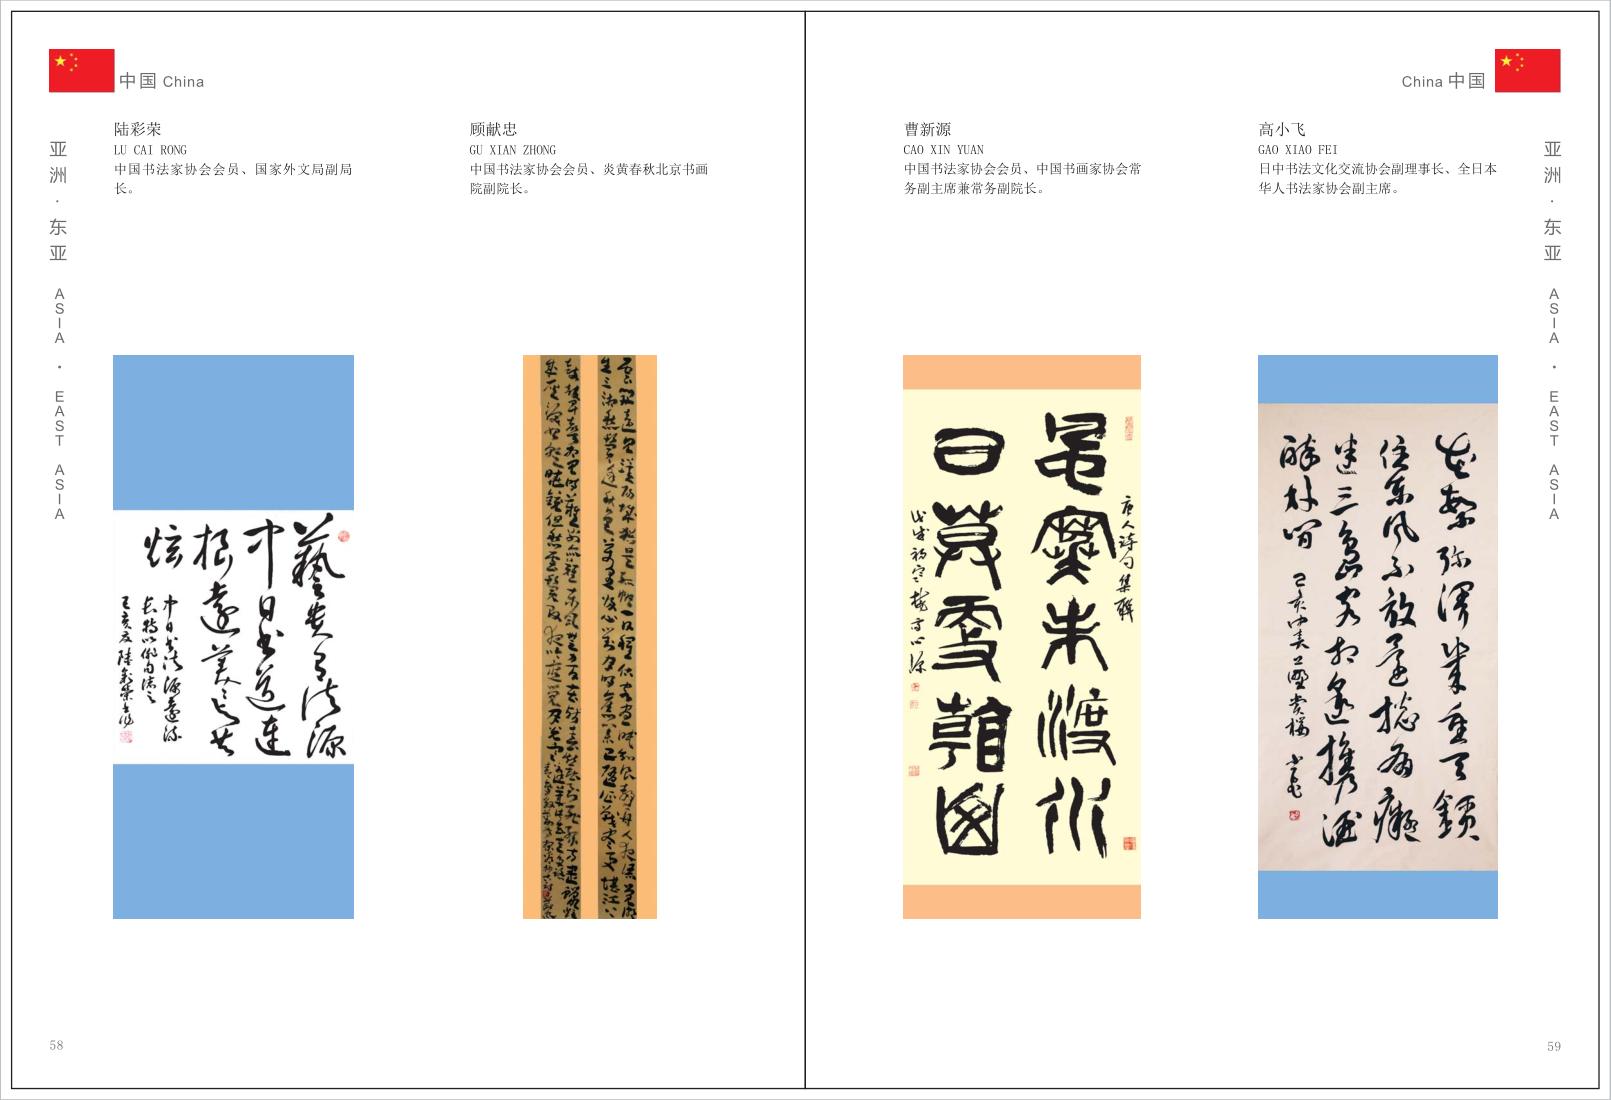 191页2_31.png